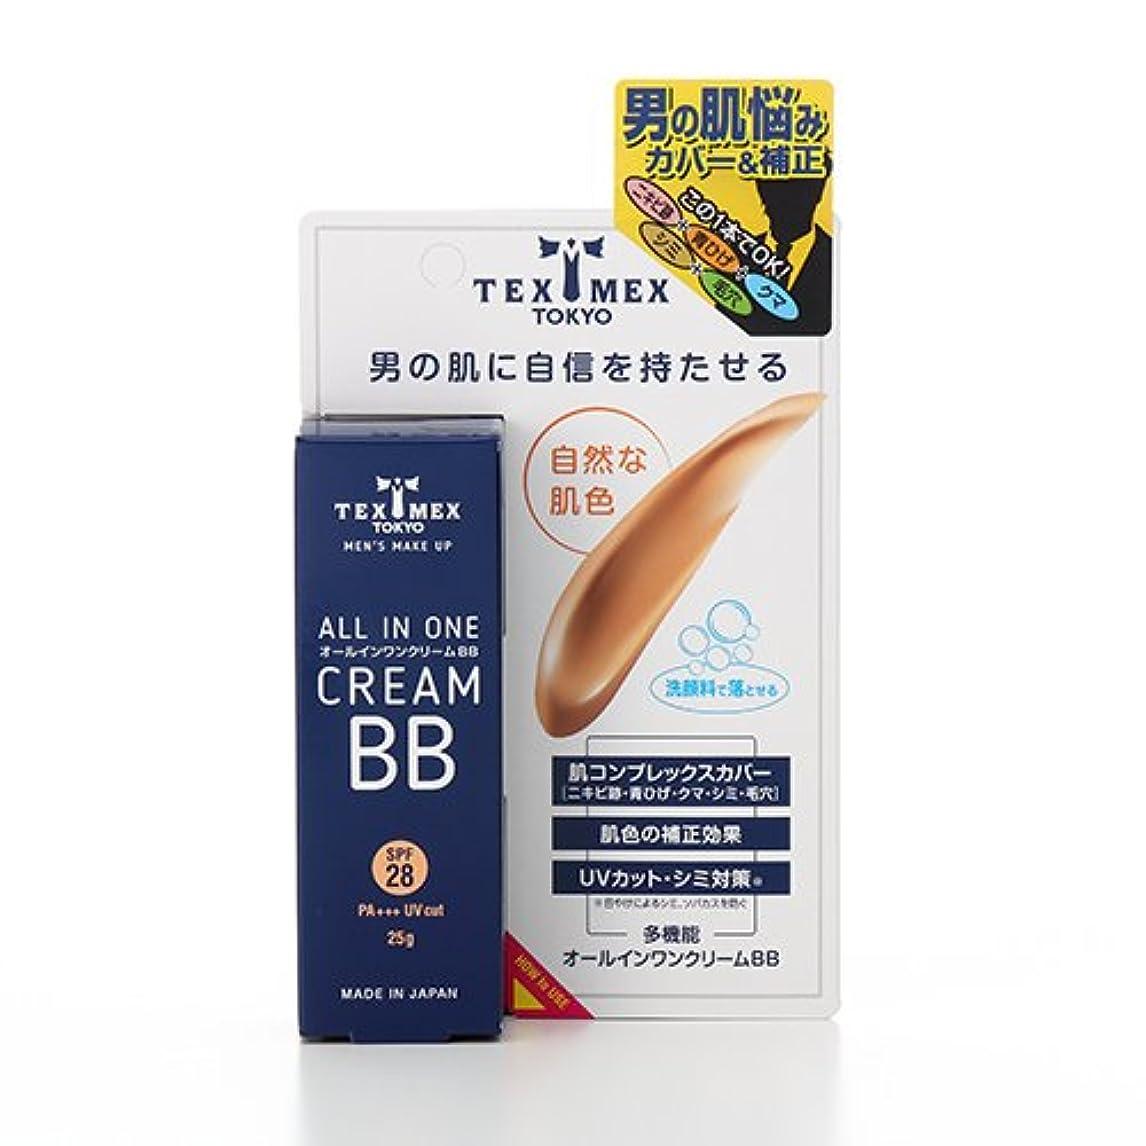 に沿って木材混雑テックスメックス オールインワンクリームBB 25g (ファンデーション) 【日焼け止め、ニキビ跡、青ひげカバー】